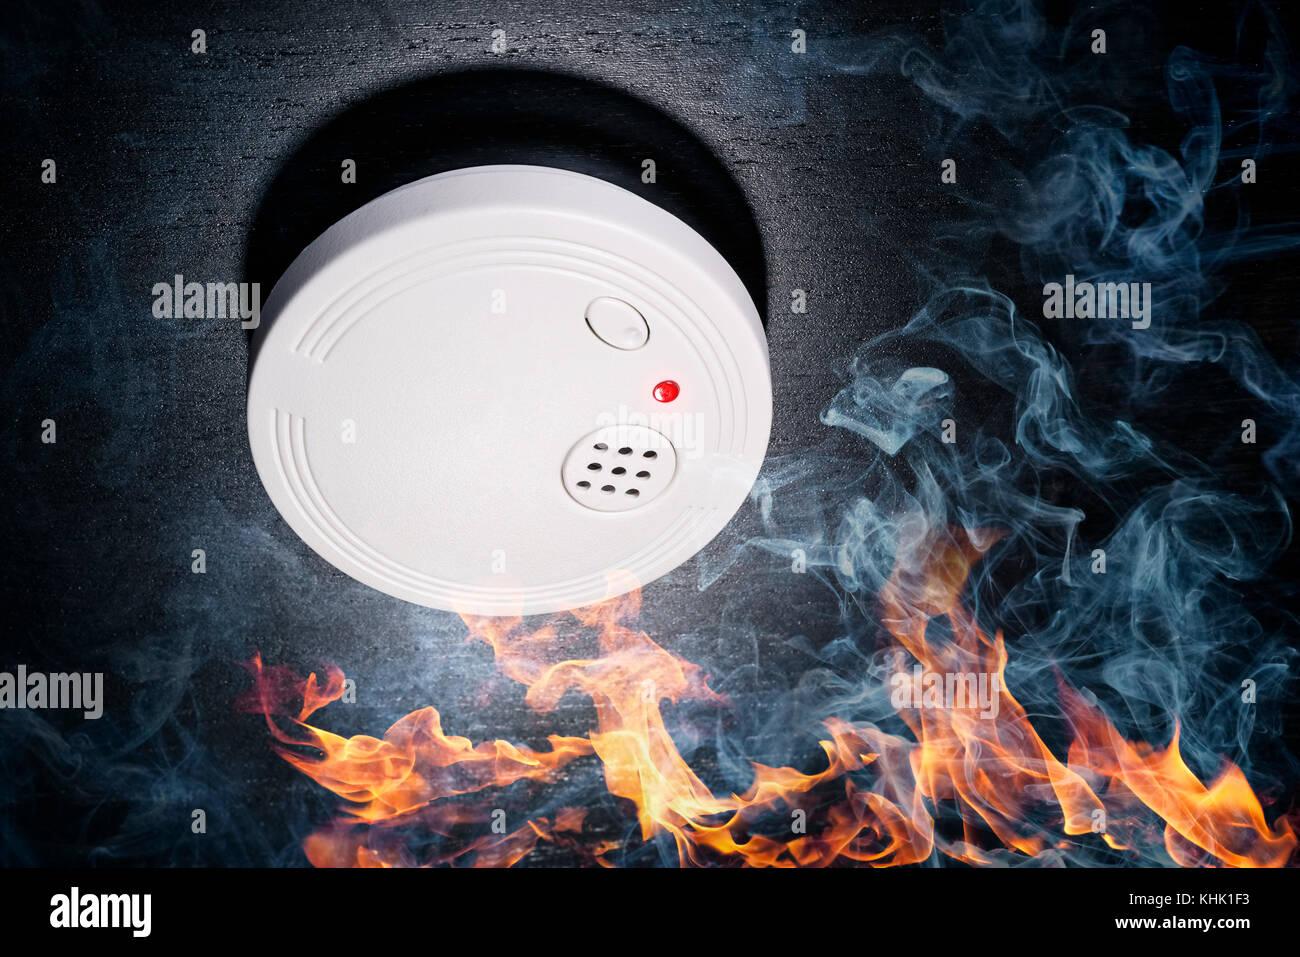 Smoke detector with flames and smoke - Stock Image